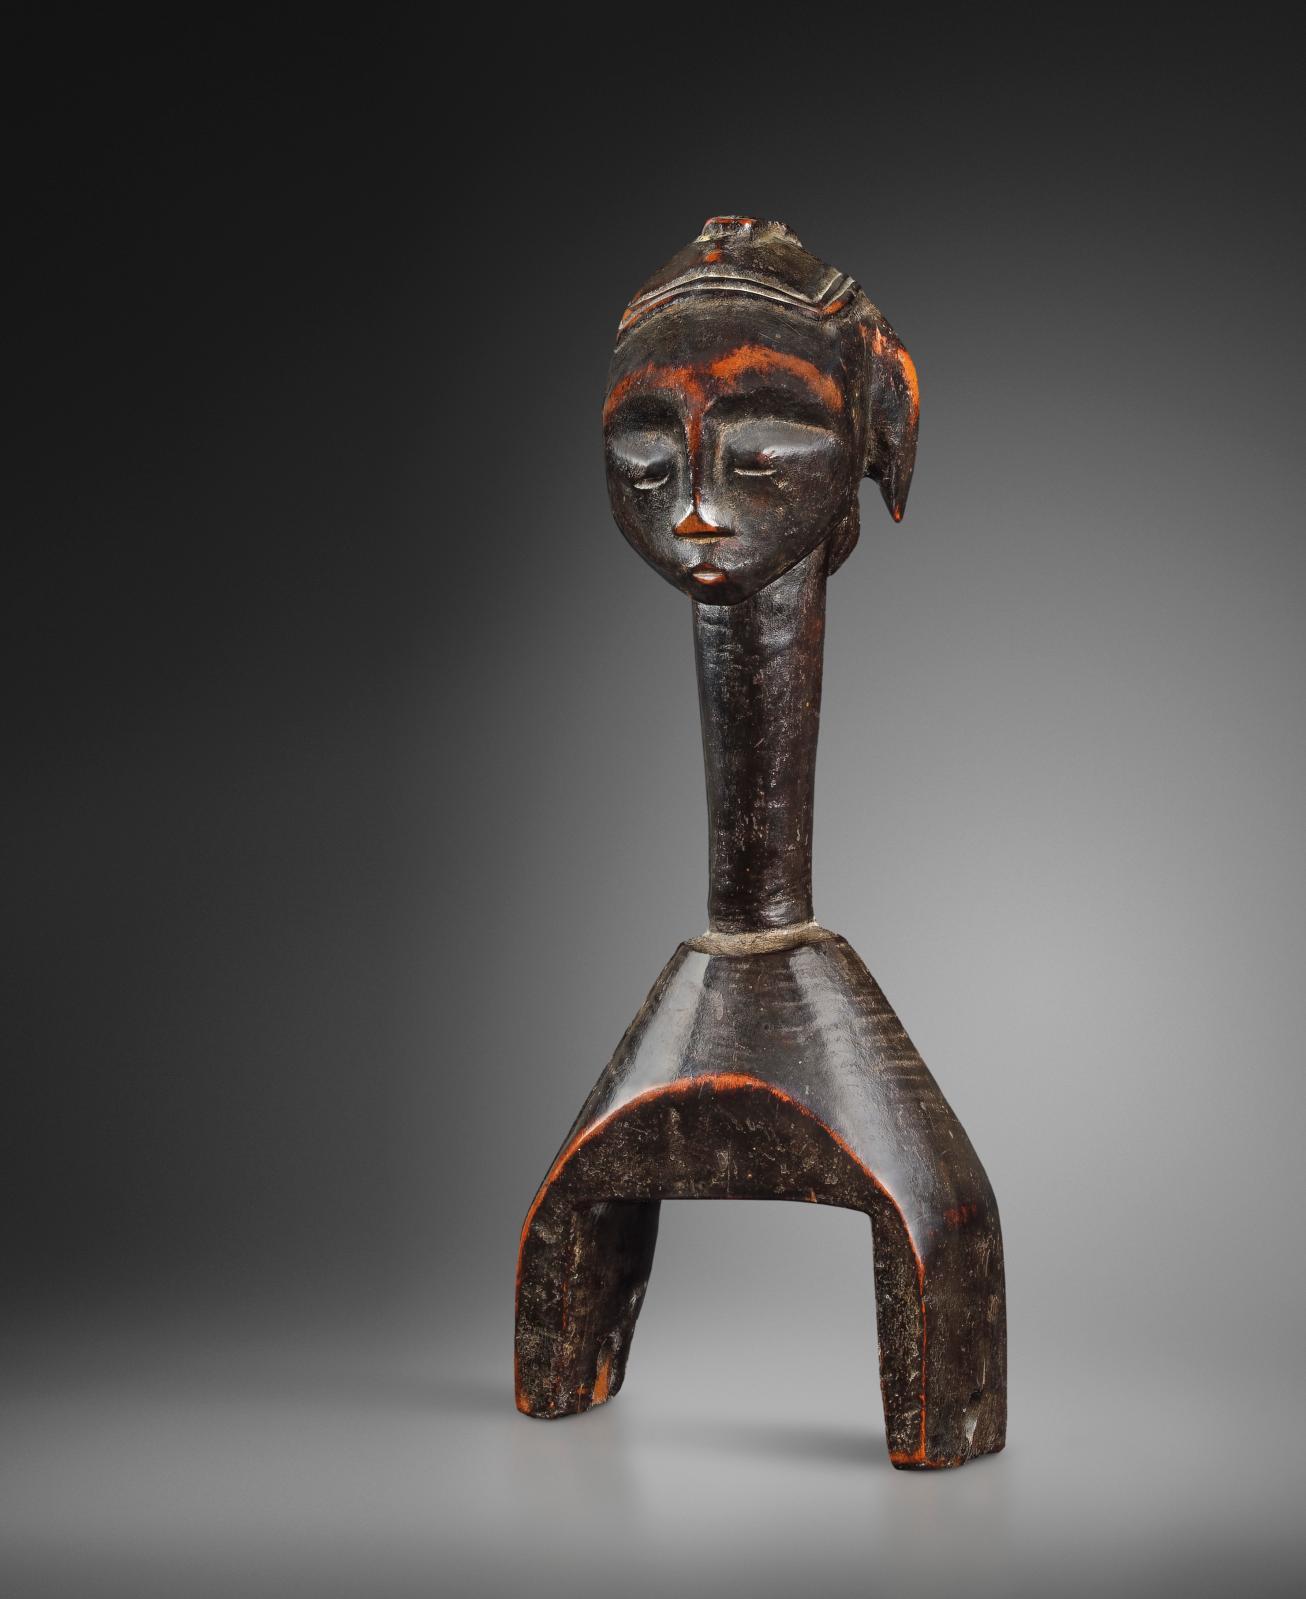 Culture Gouro, Côte d'Ivoire, XXesiècle, poulie, bois, ancienne patine d'usage noir brillant, brun-rouge aux angles, h. 20,5cm. Galerie